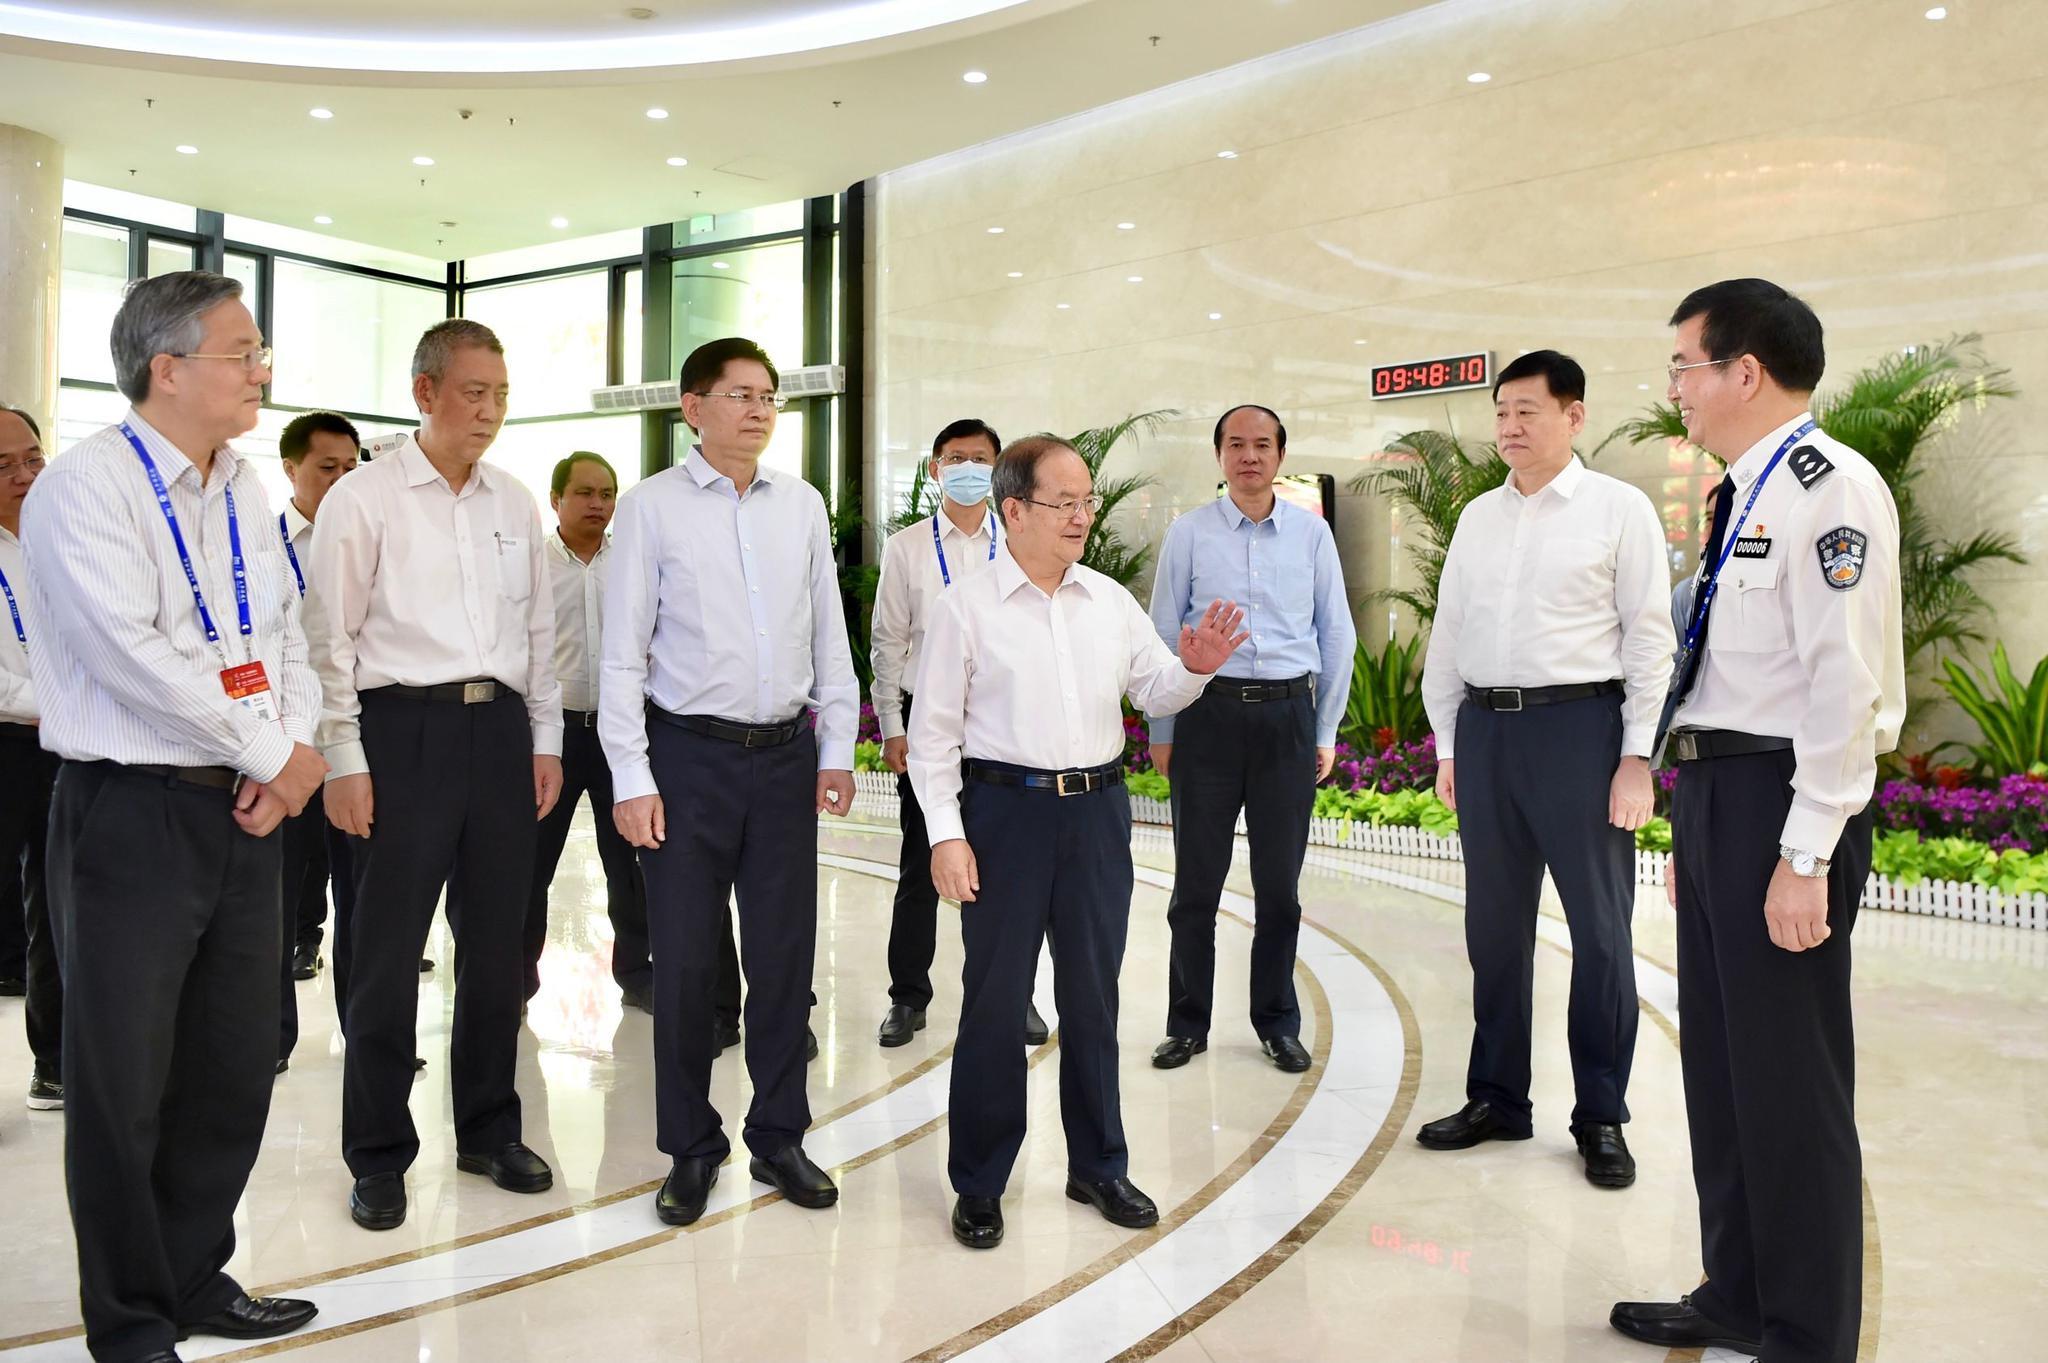 鹿心社蓝天立检查指导第17届中国-东盟博览会和图片